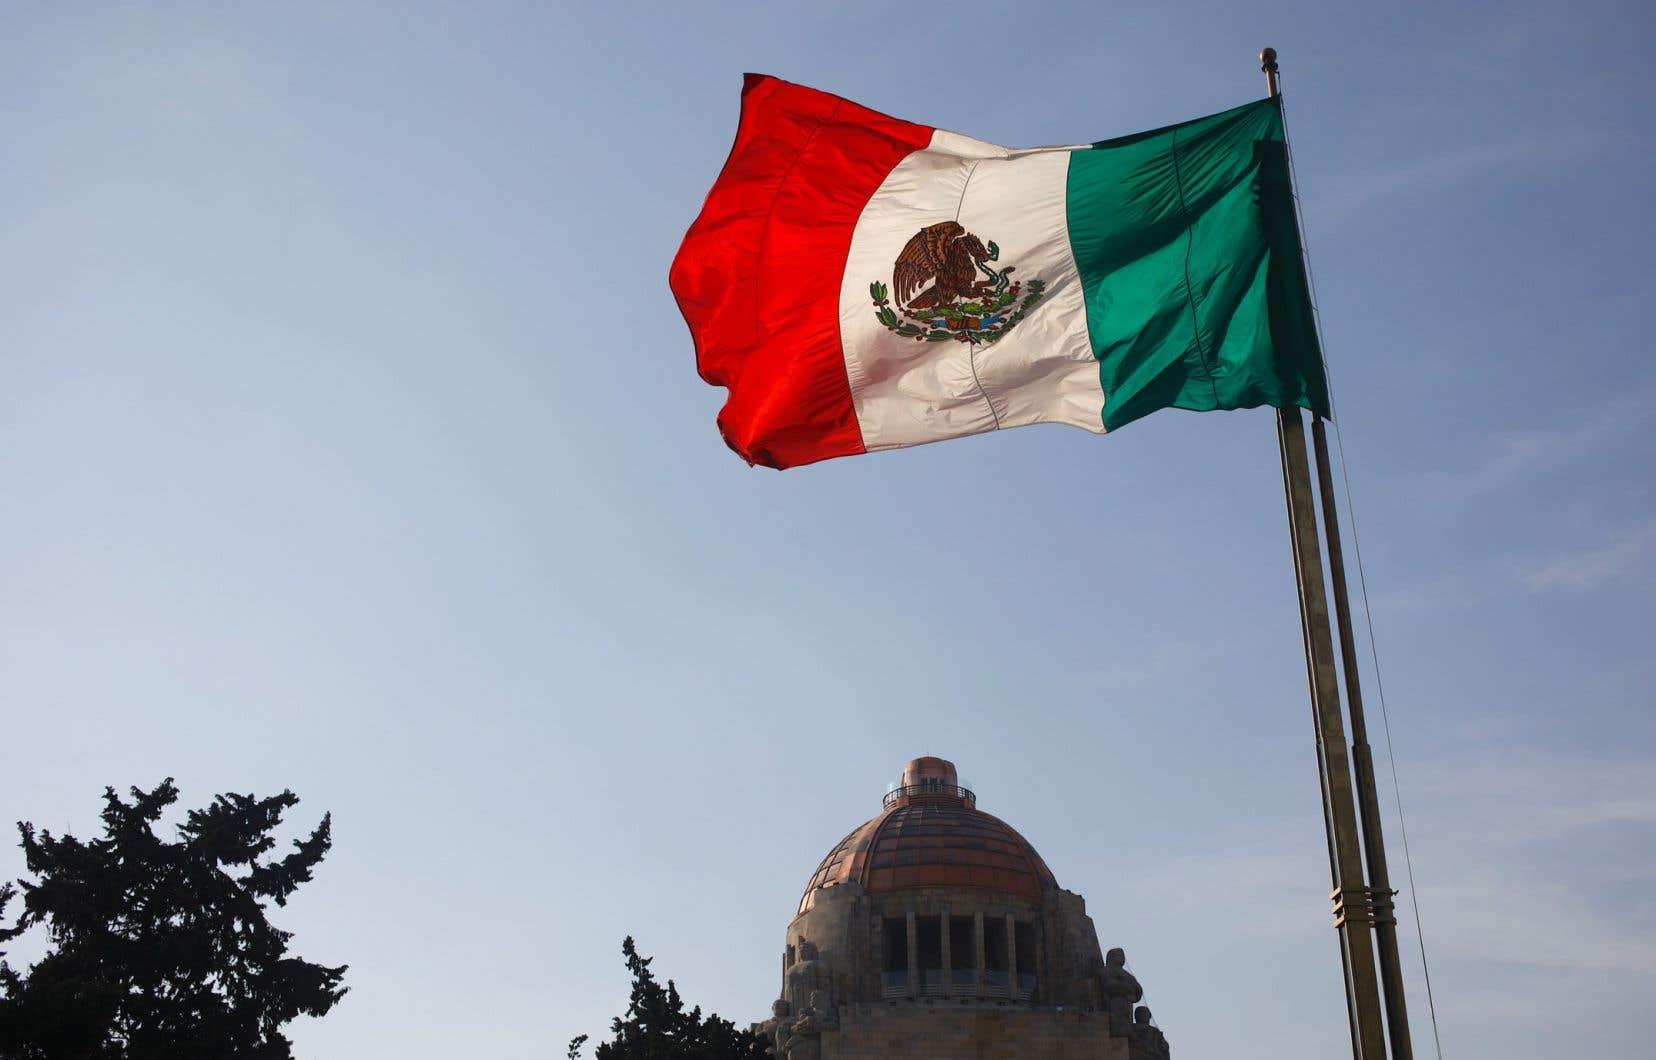 L'annonce de ce nouvel homicide de journaliste intervient le jour même de la Journée mondiale de la liberté de la presse. Telesforo Santiago Enriquez est le quatrième journaliste assassiné au Mexique depuis le début de l'année.